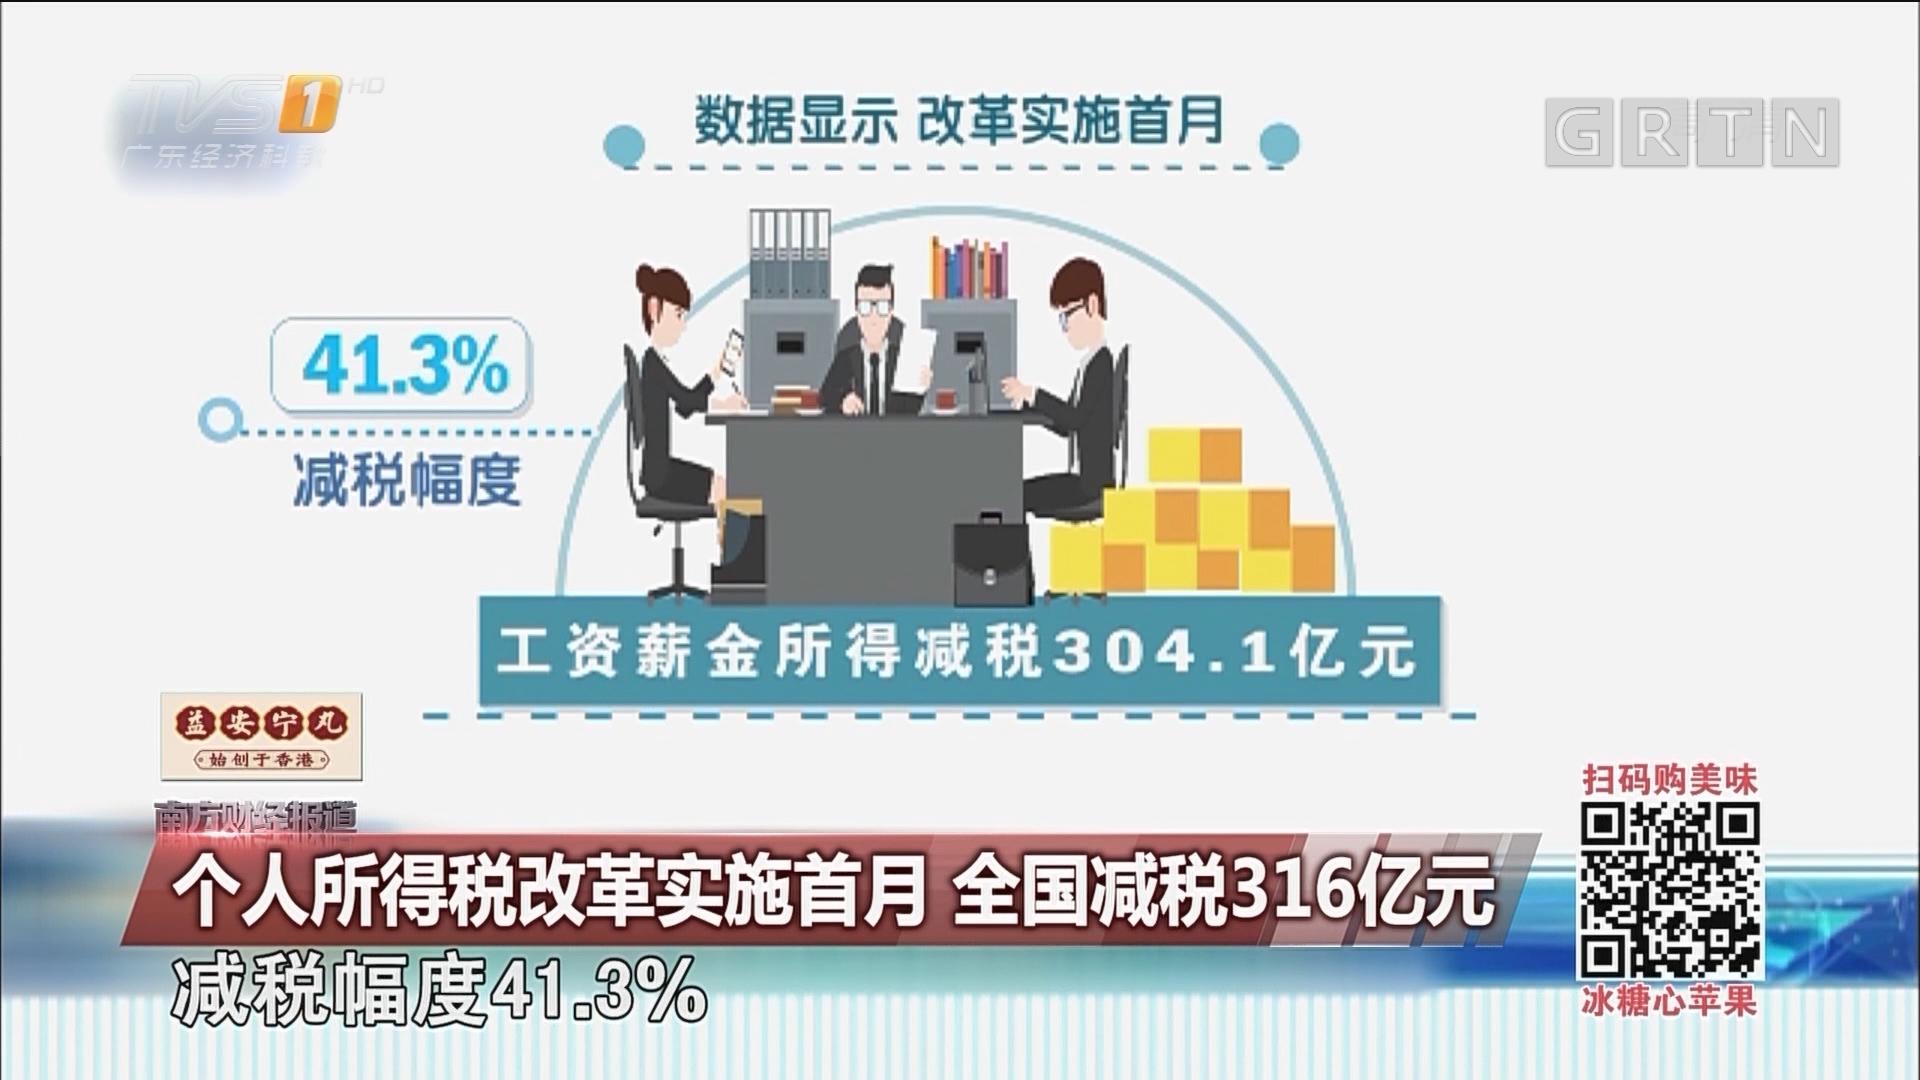 个人所得税改革实施首月 全国减税316亿元